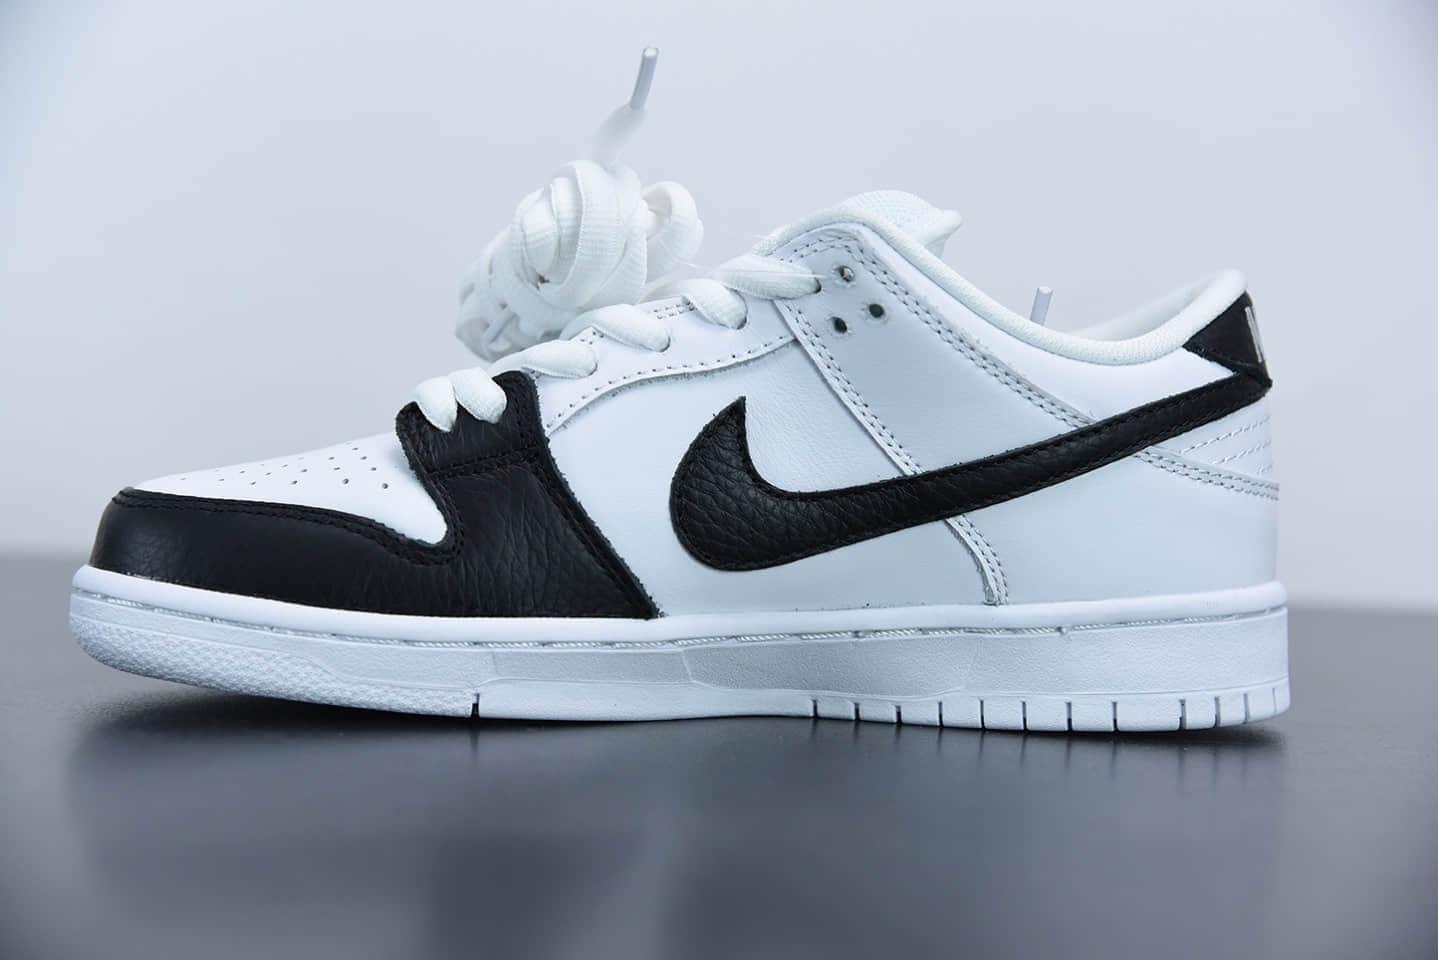 耐克Nike SB Dunk Low PremiumYin Yang黑白阴阳太极扣篮系列低帮休闲运动滑板板鞋纯原版本 货号: 313170-023